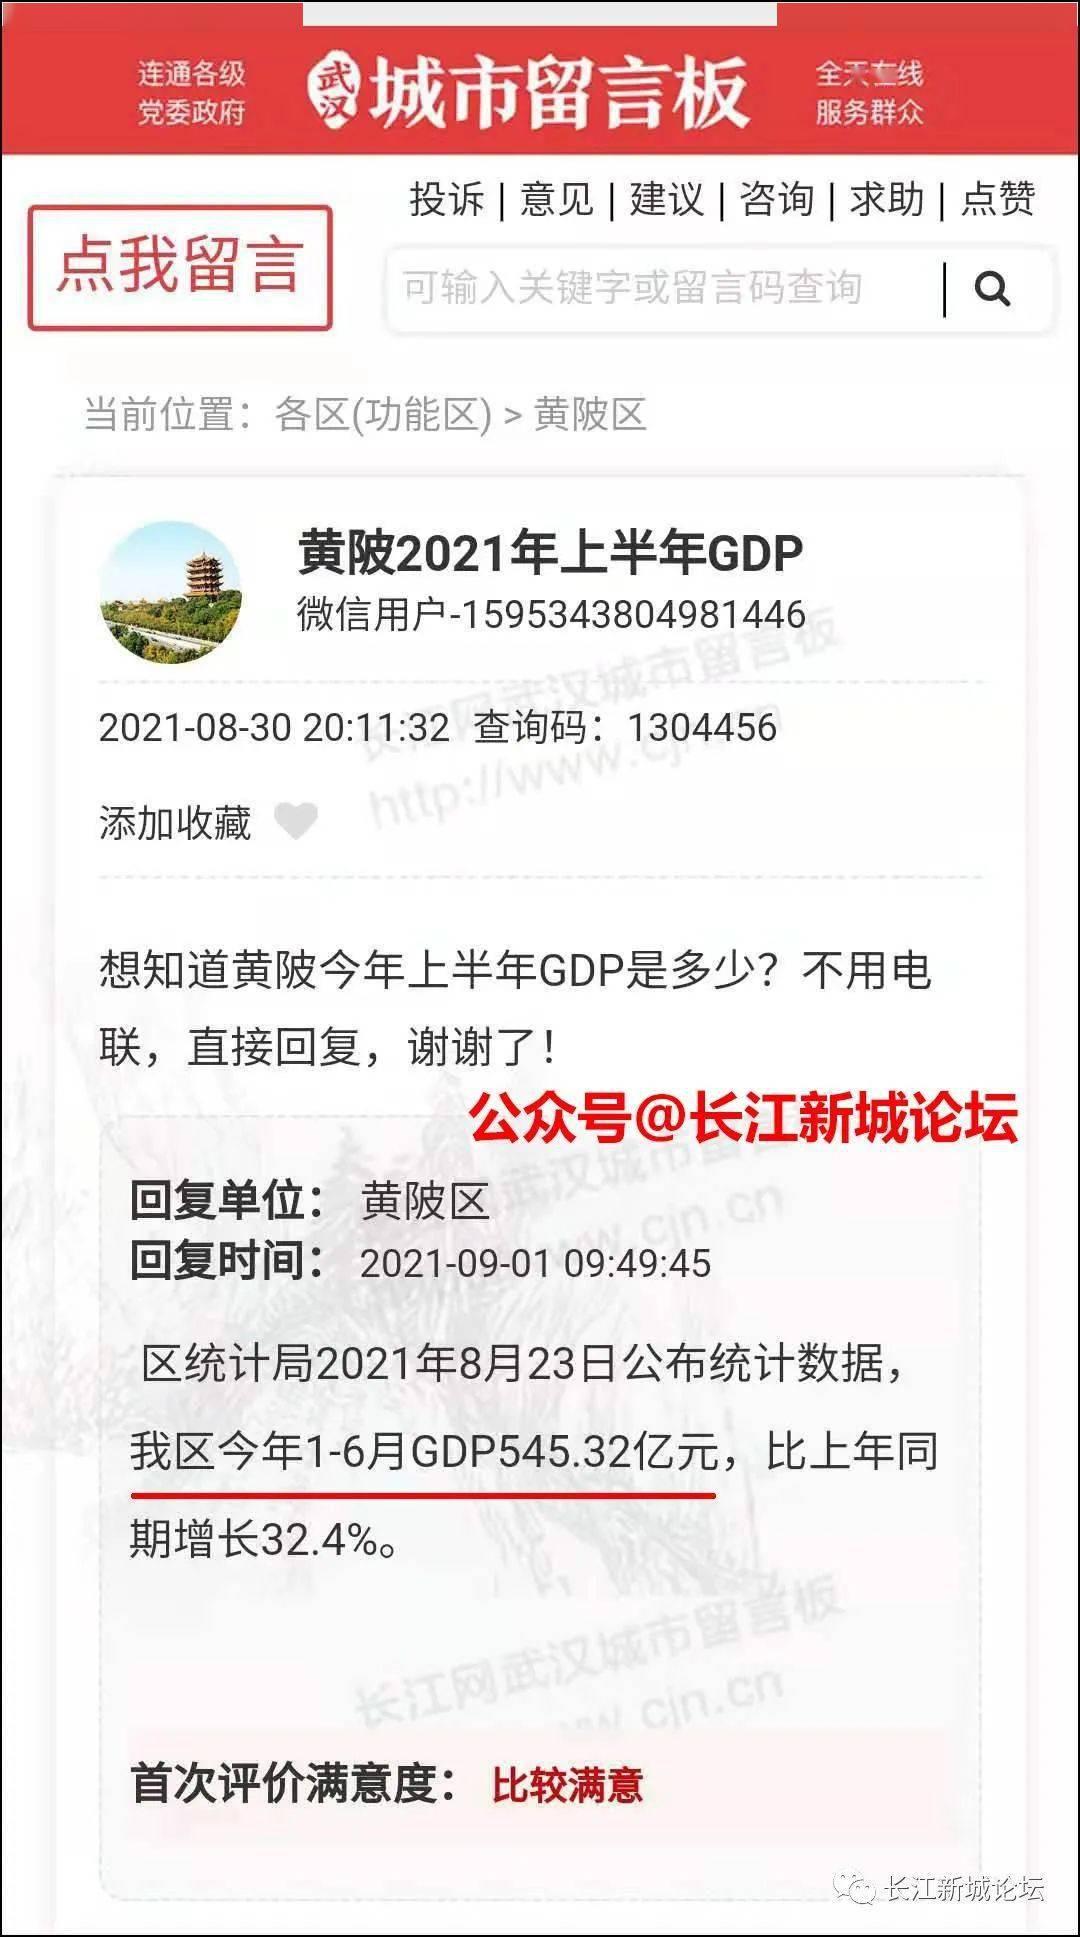 黄陂gdp_上半年GDP破500亿,黄陂太厉害了!